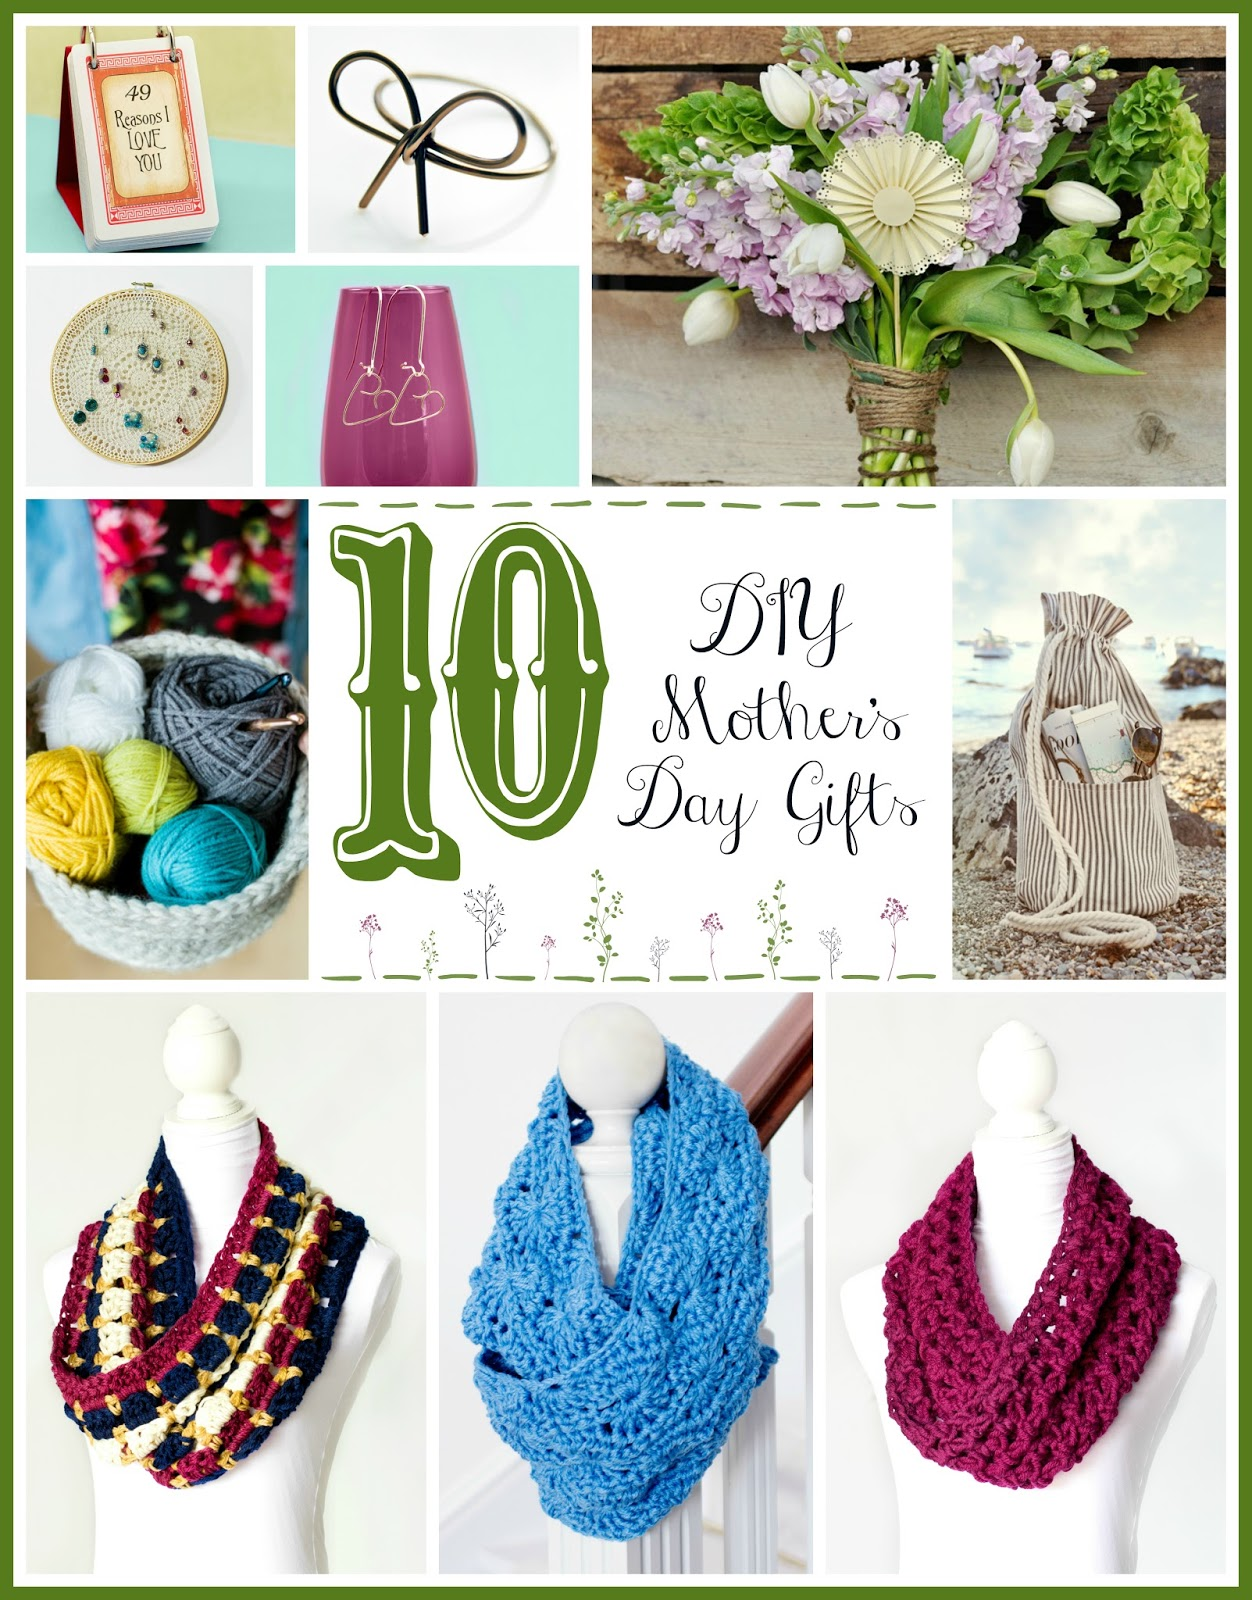 http://4.bp.blogspot.com/-LZihvC5aep0/U2jtJd8FpjI/AAAAAAAAJRY/QXWd738_pAE/s1600/10+Delightful+Mother's+Day+DIY's+1.jpg